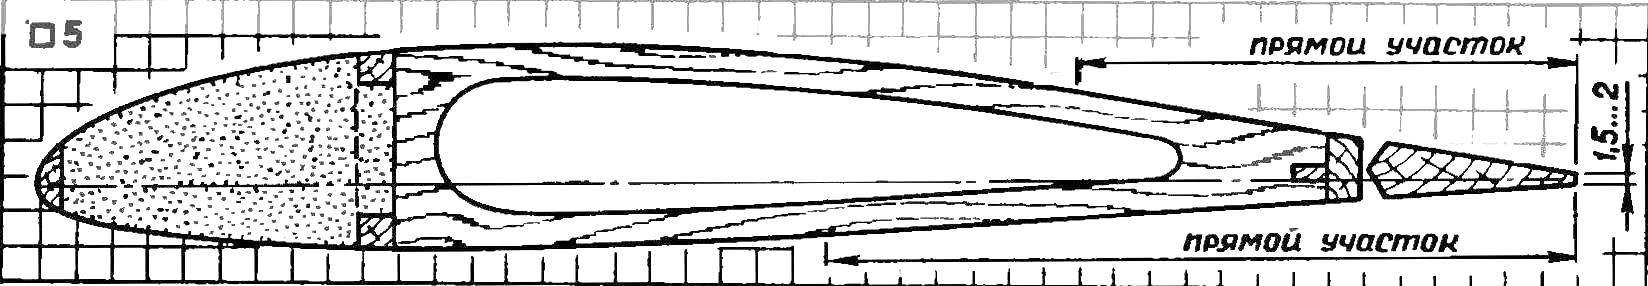 Шаблон для построения профиля крыла.